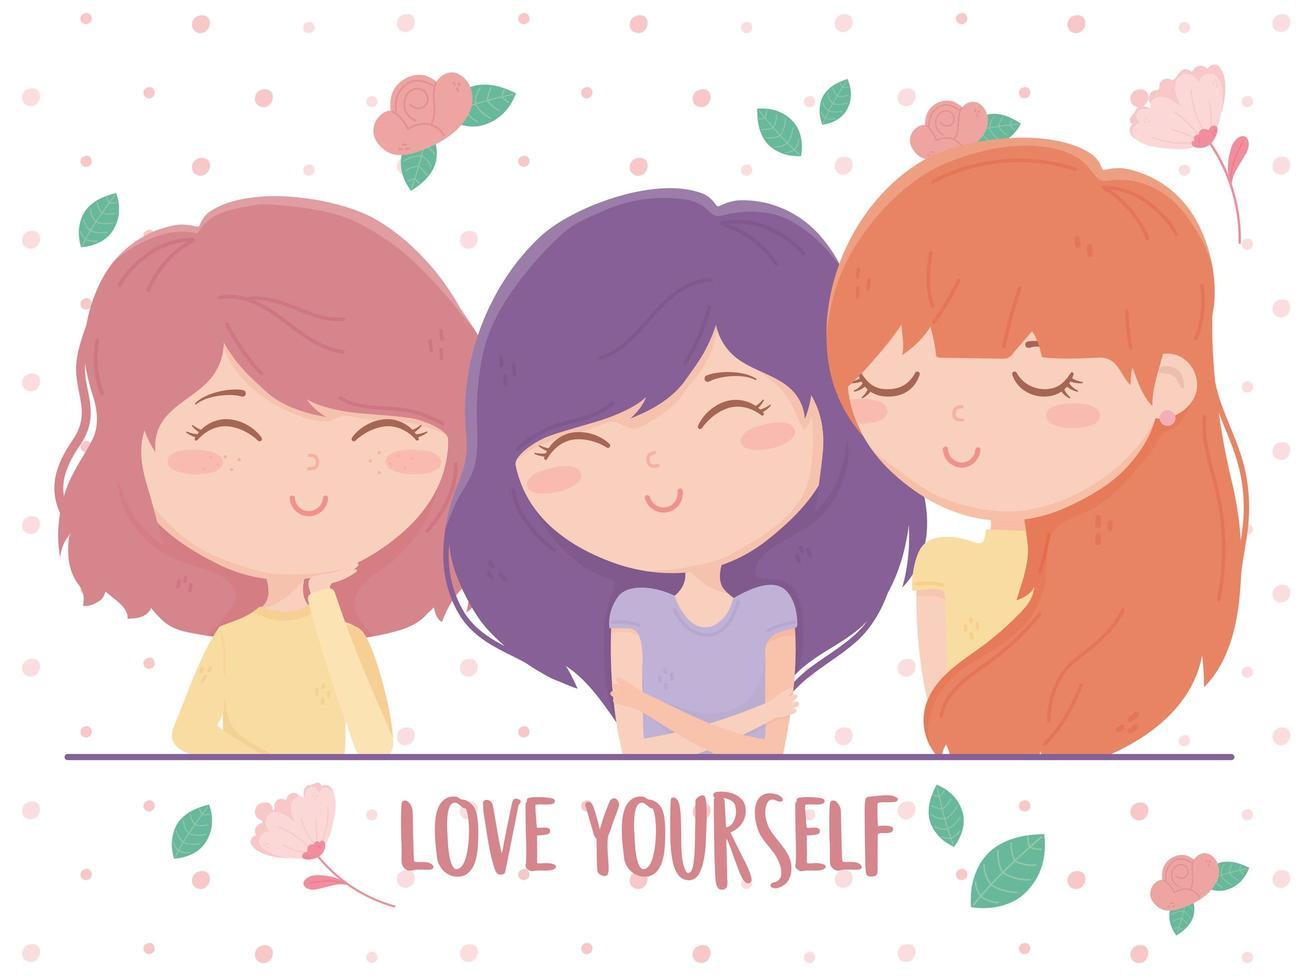 ámate a ti mismo composición con mujeres jóvenes y flores. vector